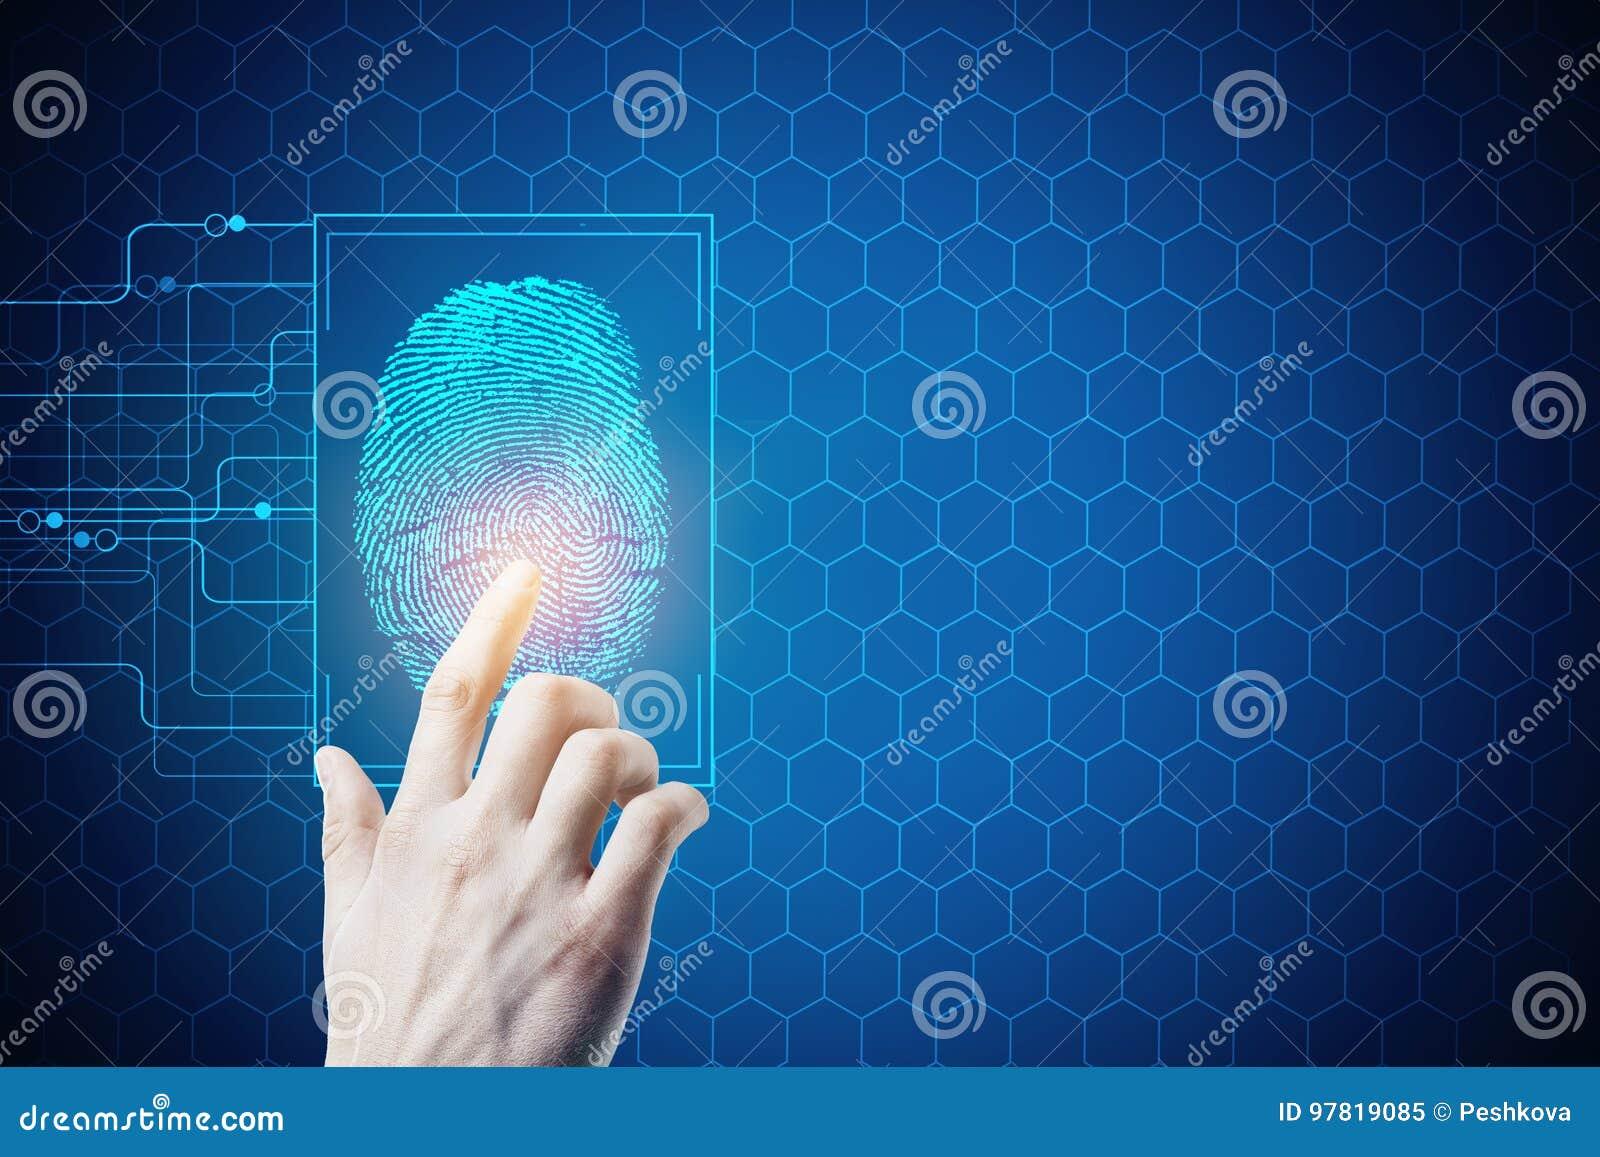 Biométrica, seguridad y acceso